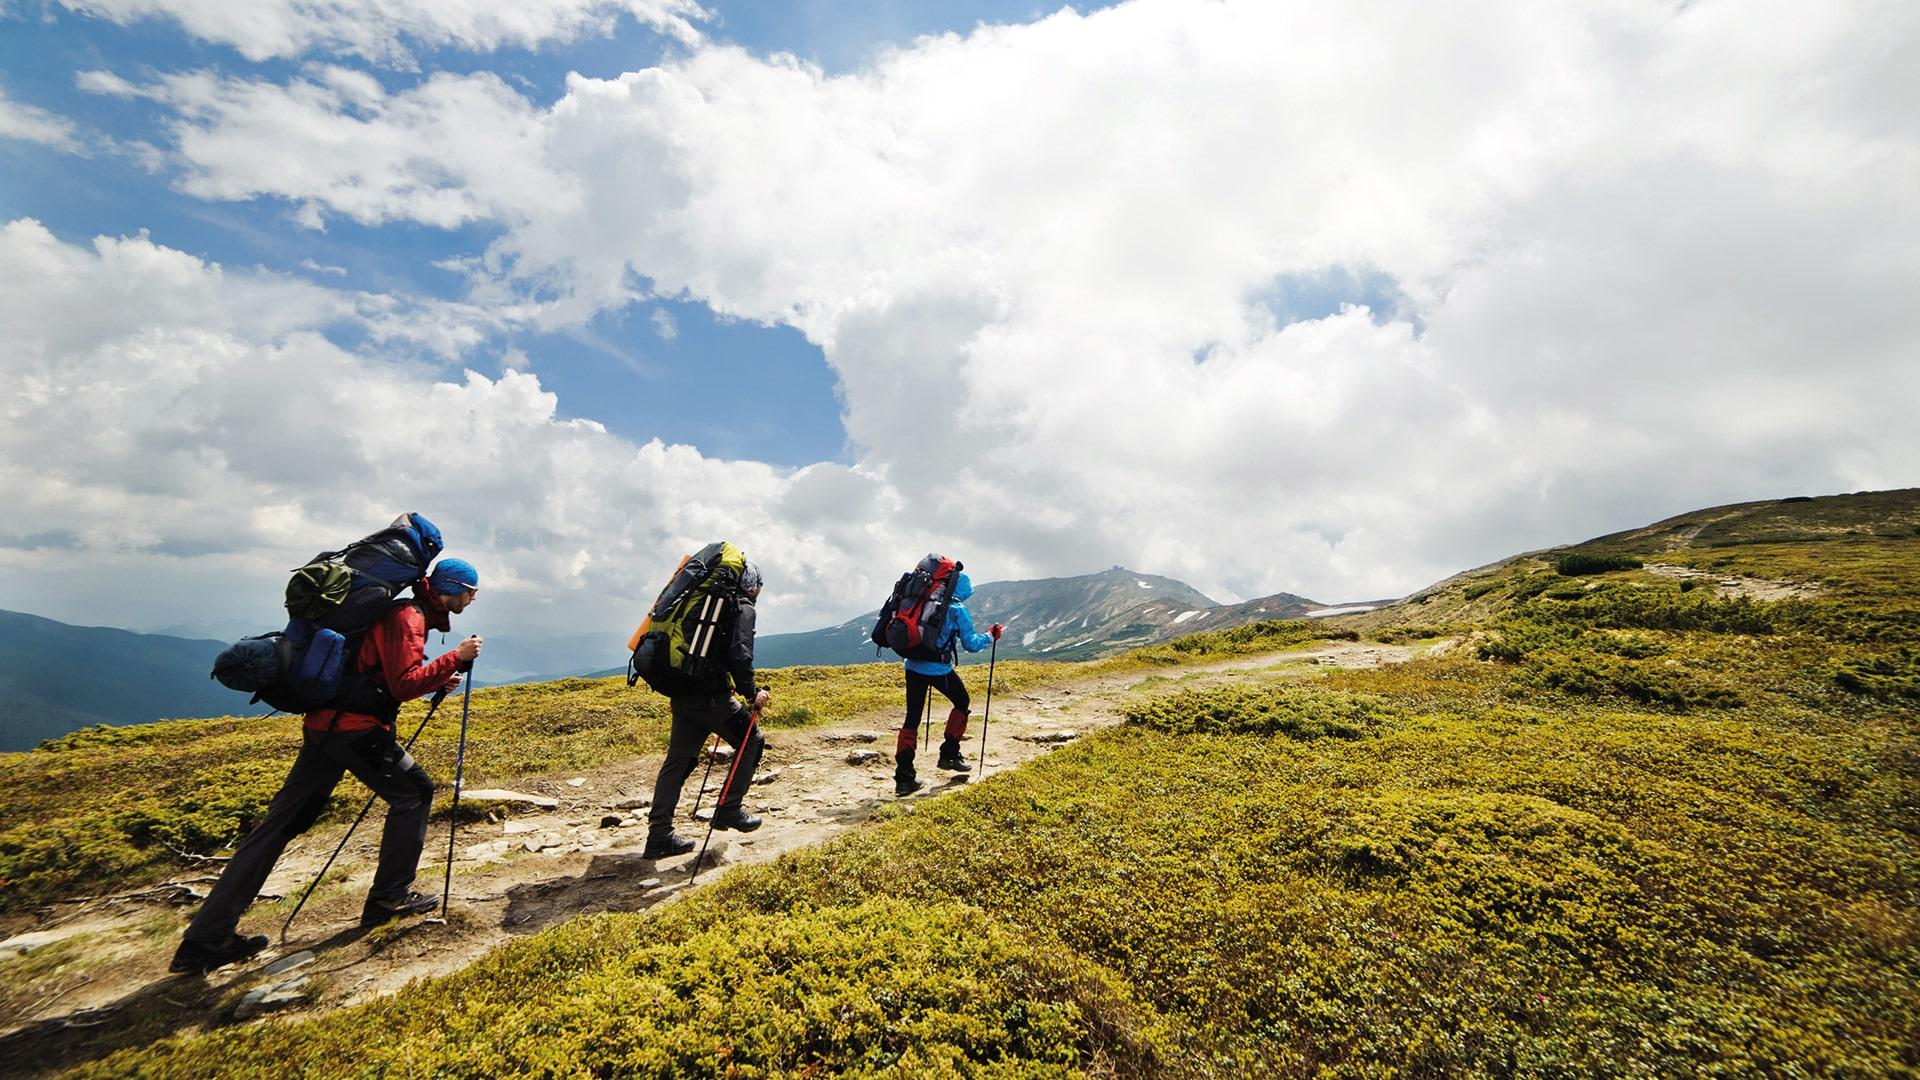 Abenteuer Wanderungen mit der Outdoor Freizeit App planen | Globe Chaser